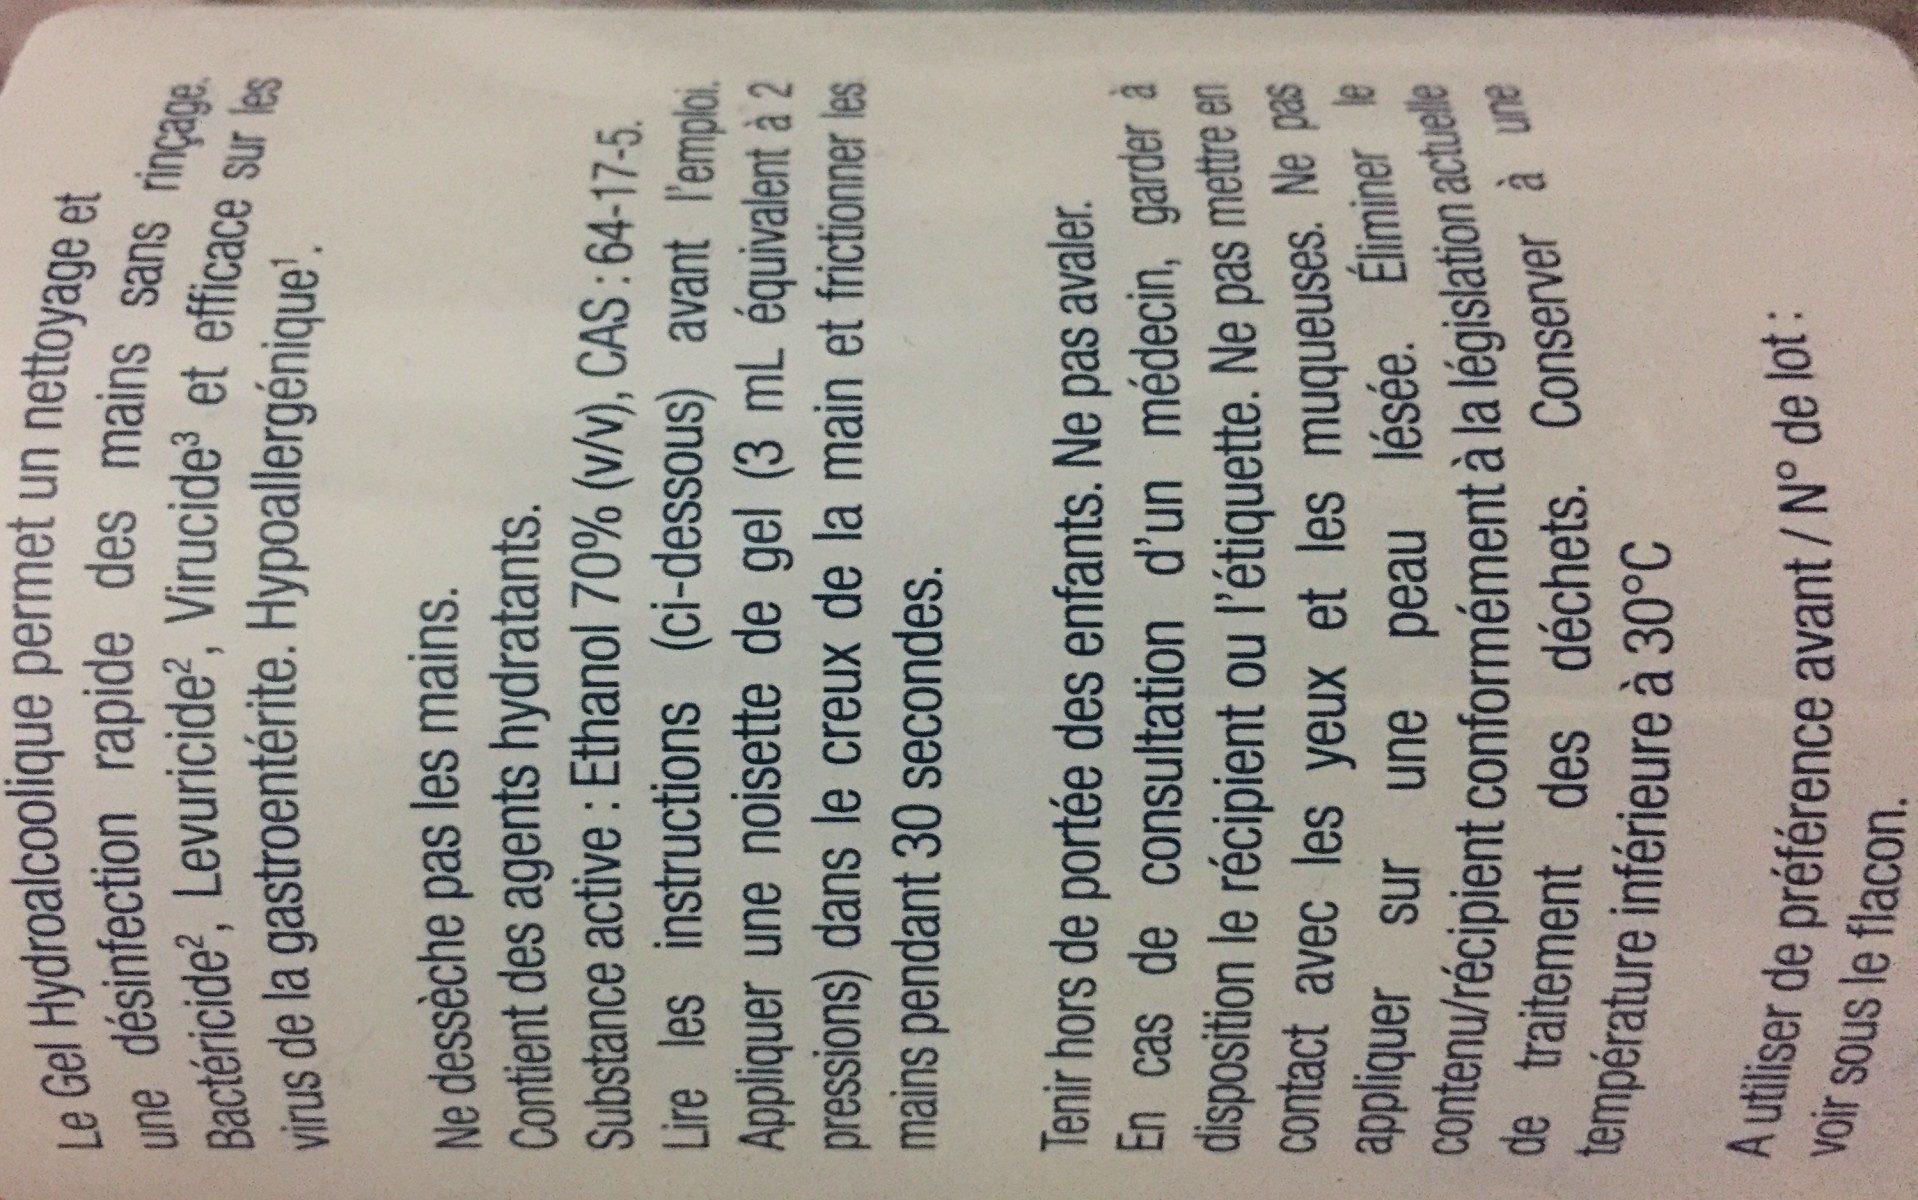 Bactidose Gel Hydroalcolique Hygiène Mains 1 Litre - Ingrédients - fr